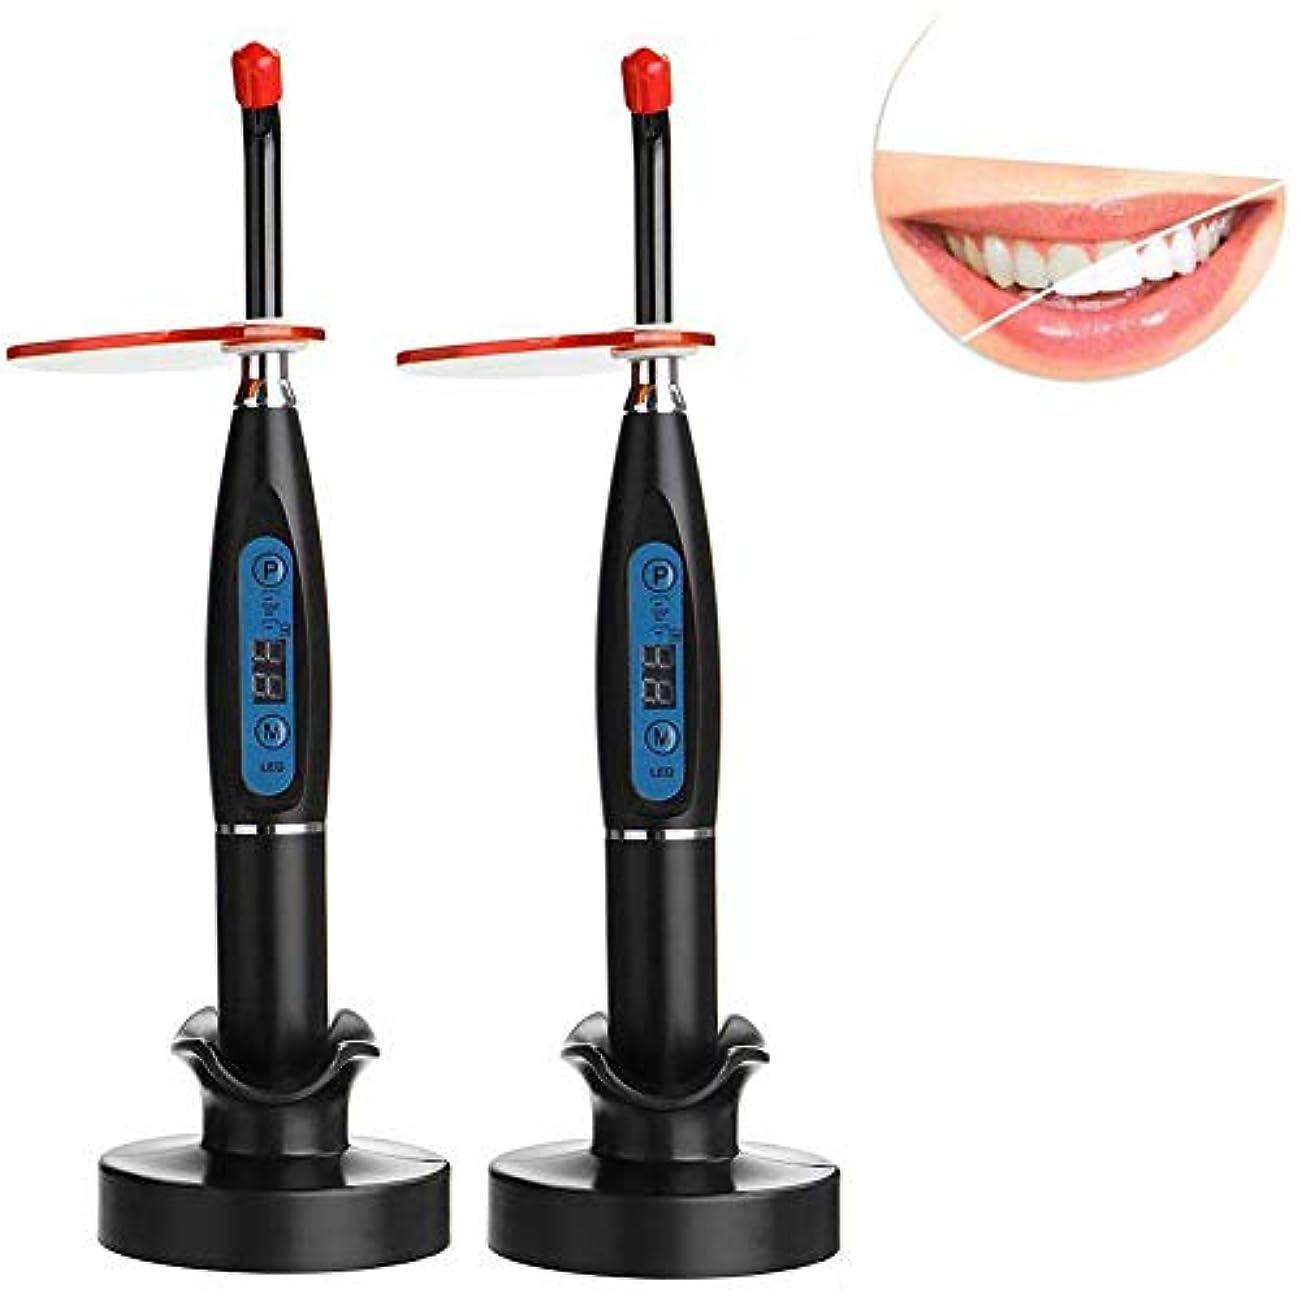 滑るなしで激しい5WワイヤレスビッグパワーLEDライト歯科用硬化機コードレスLED歯科用ツール2000mw /cm²、3つの作業モード付きブルーライト付き(2PCS)